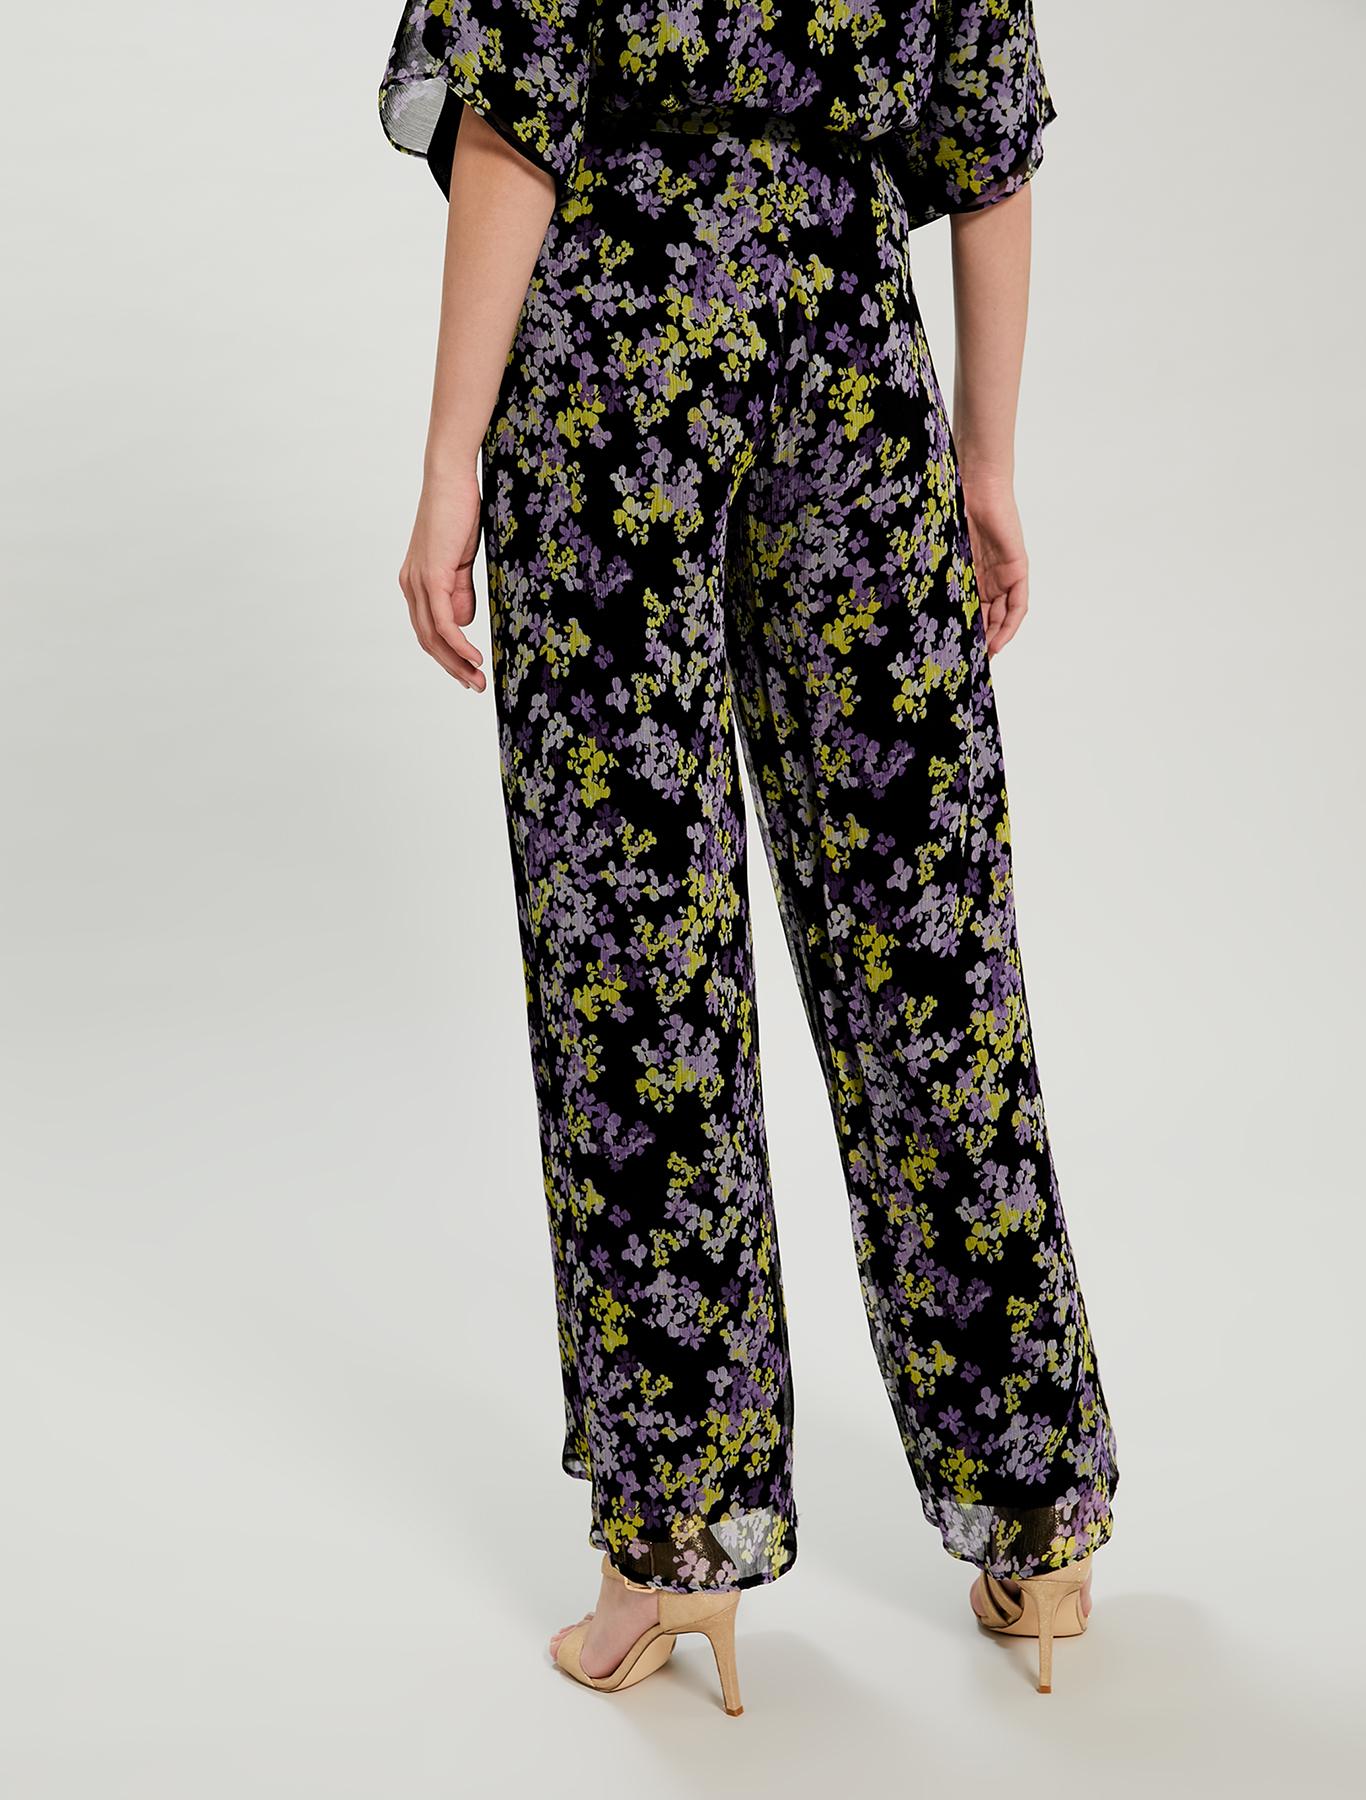 Floral palazzo pants - black pattern - pennyblack